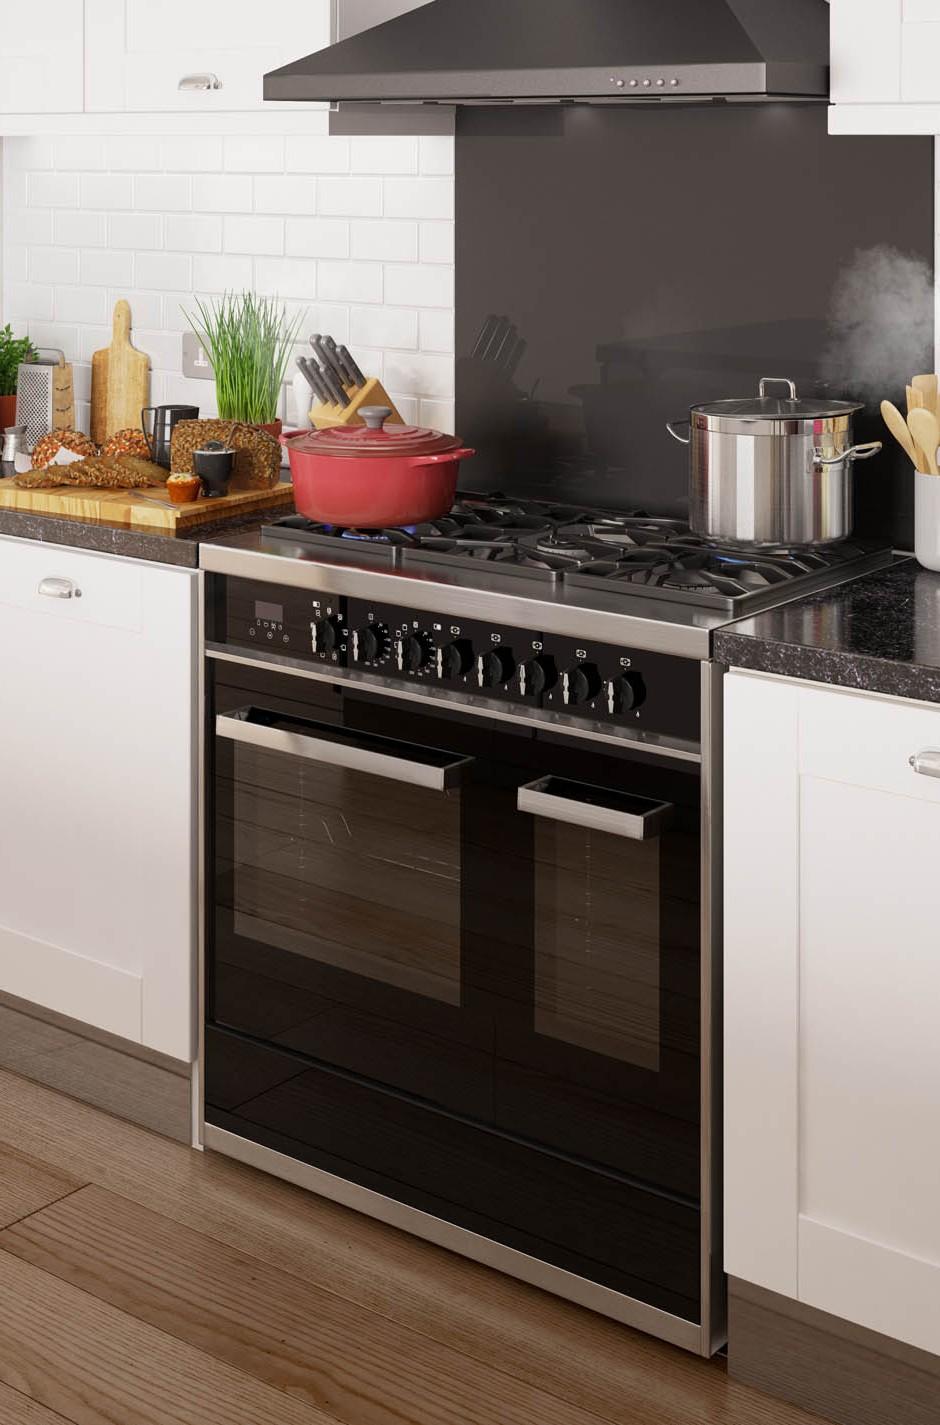 Kitchen Appliances: Cda Kitchen Appliances